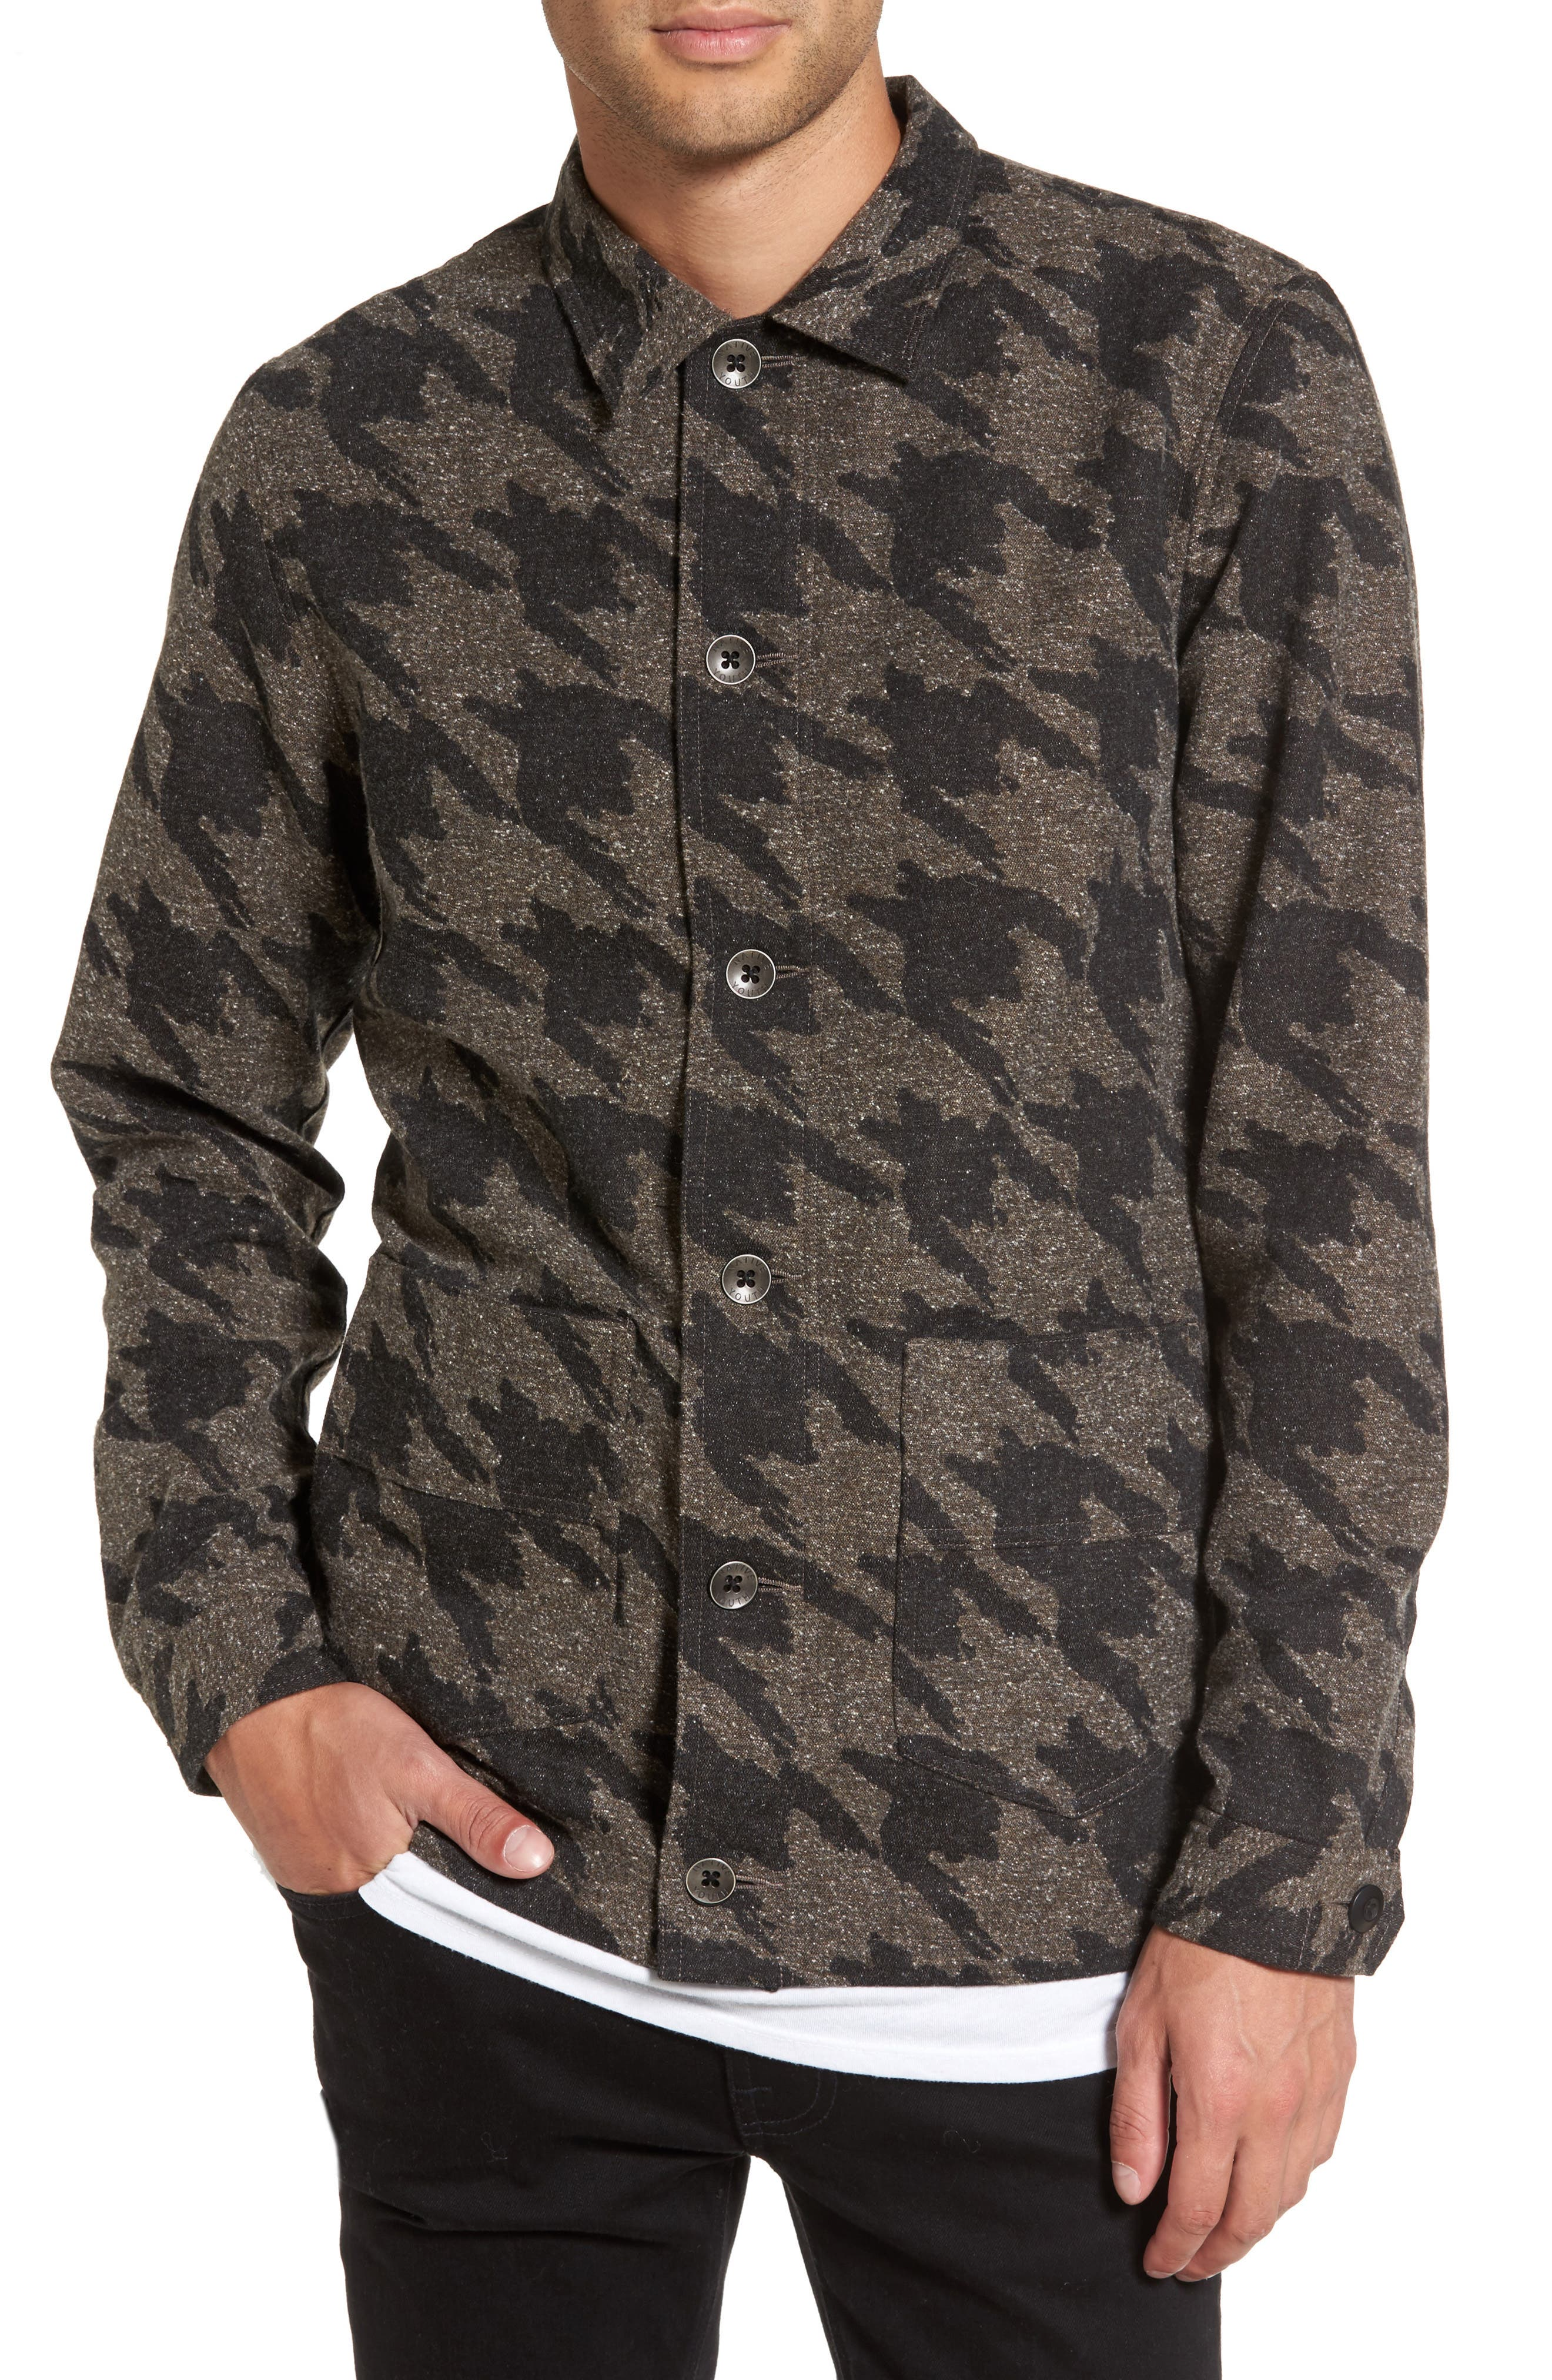 Lynx Shirt Jacket,                             Main thumbnail 1, color,                             023